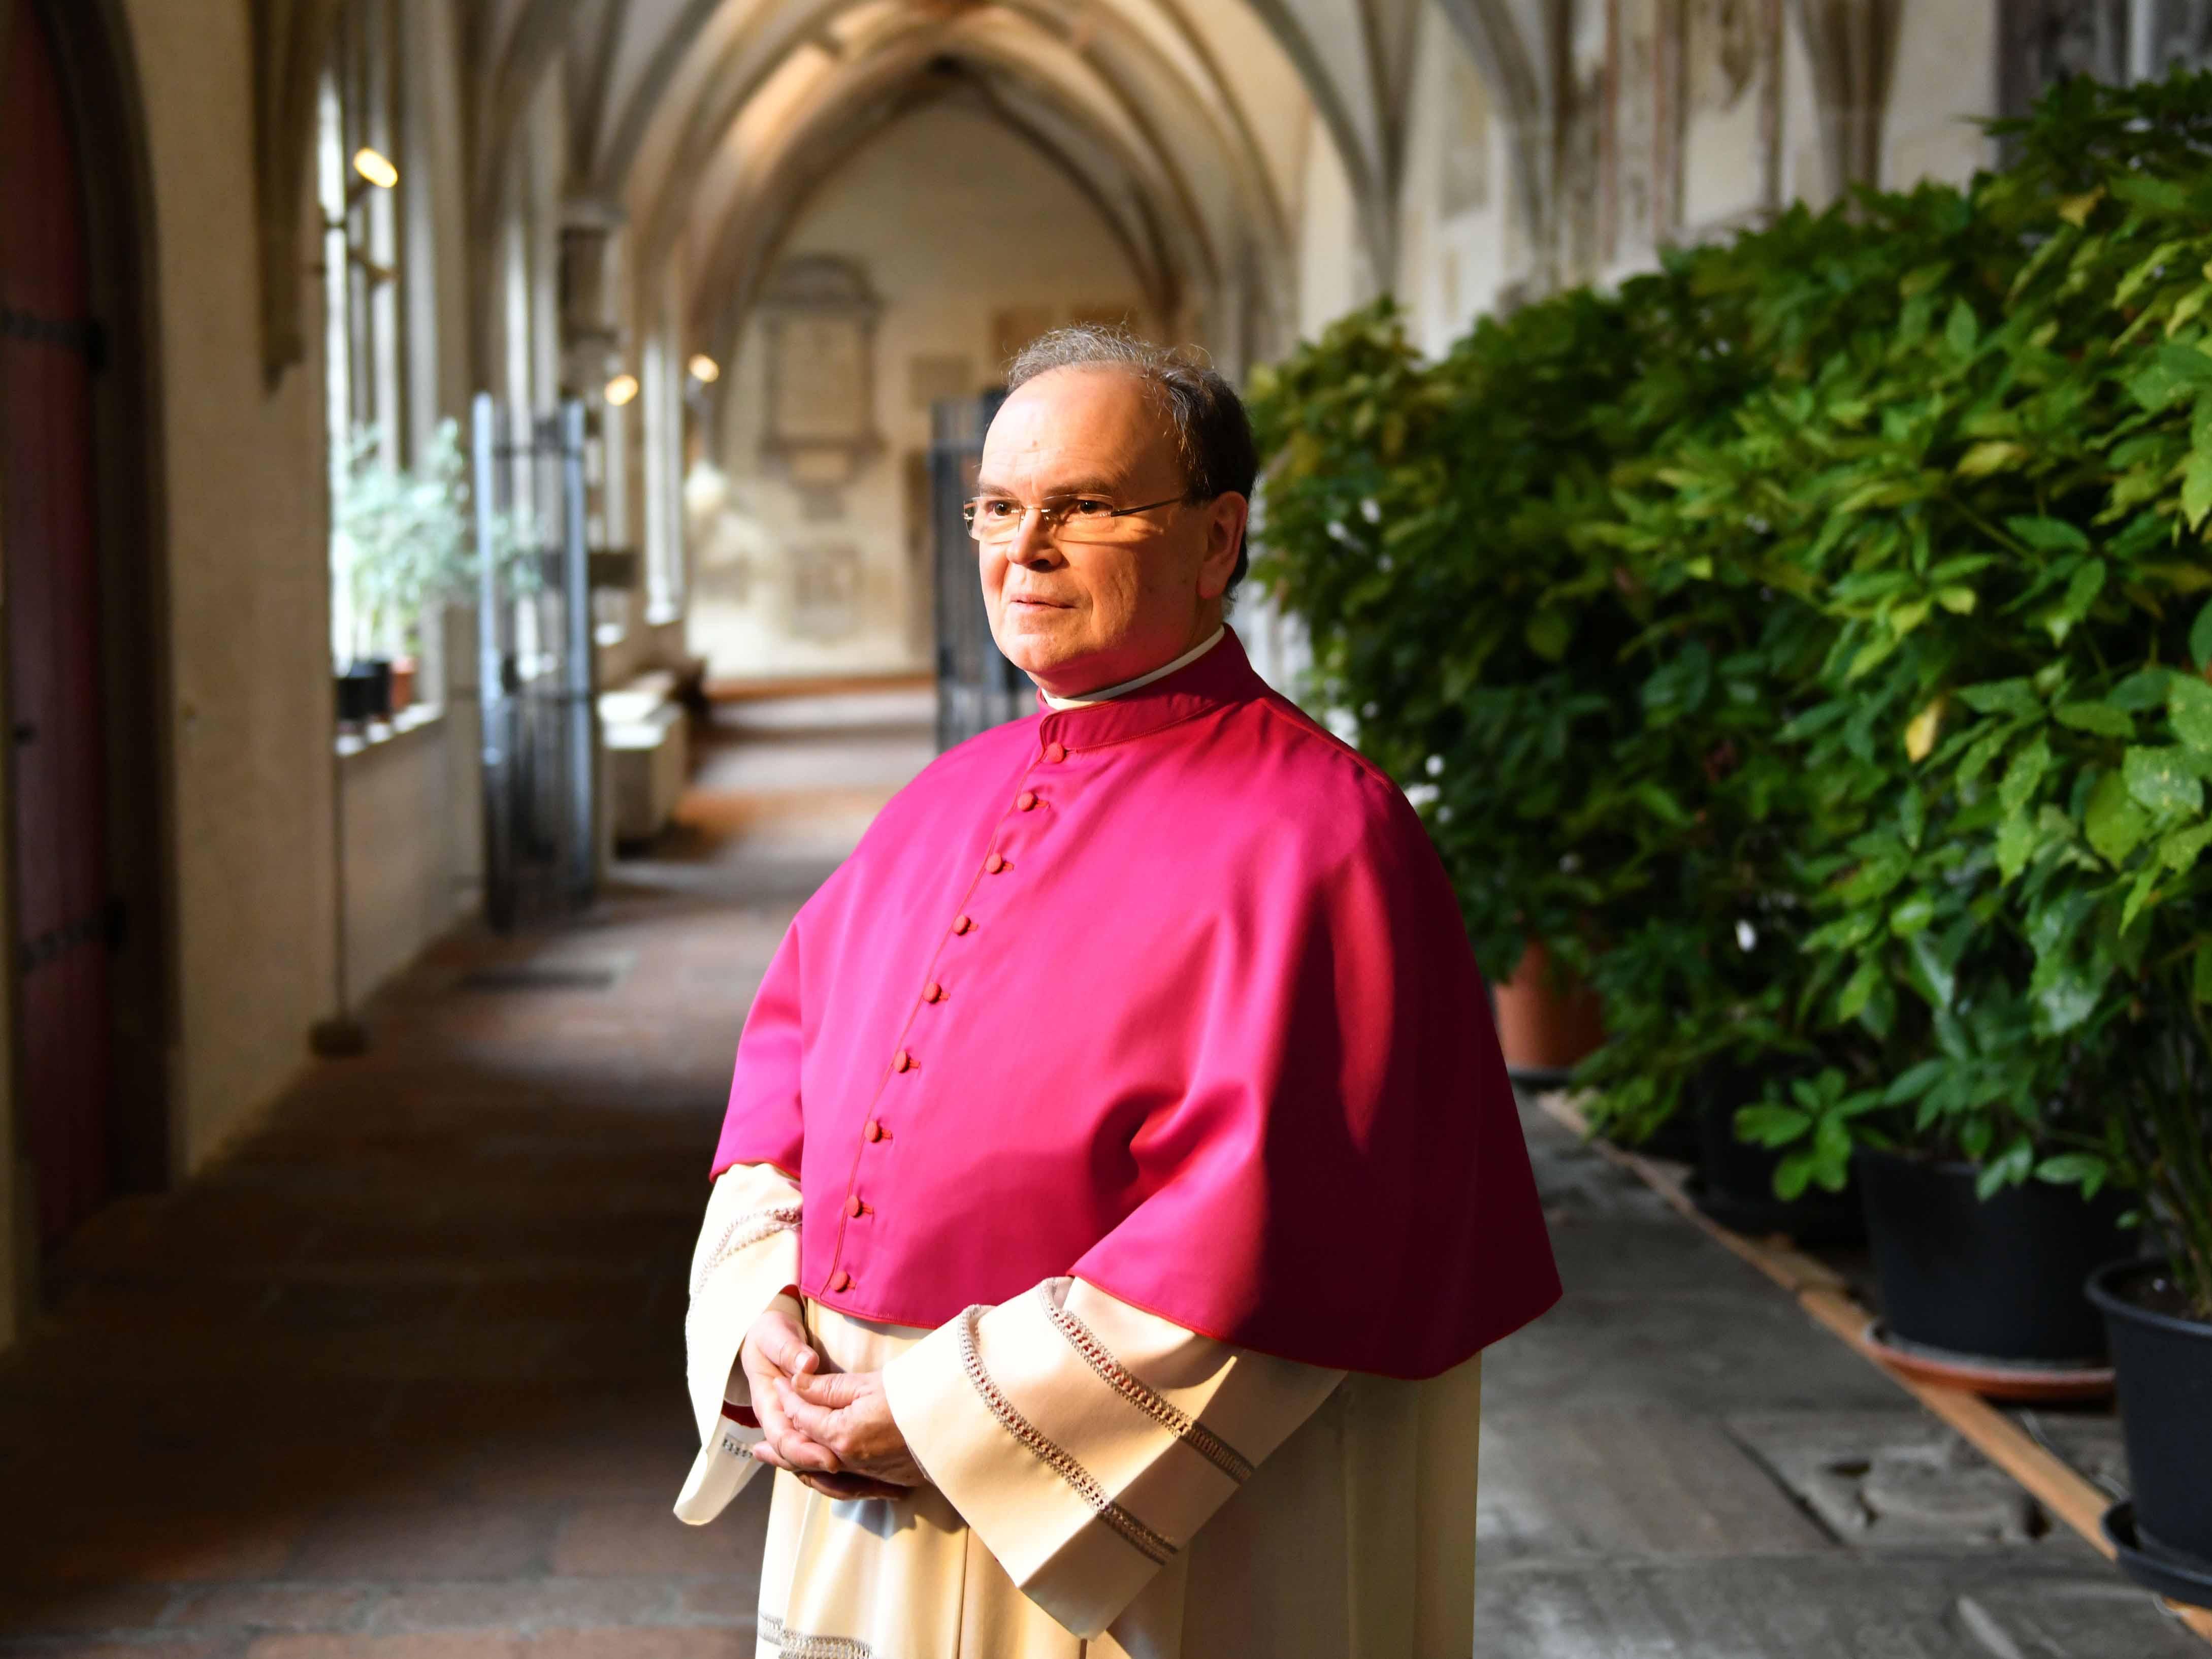 Bischofsweihe wird verschoben